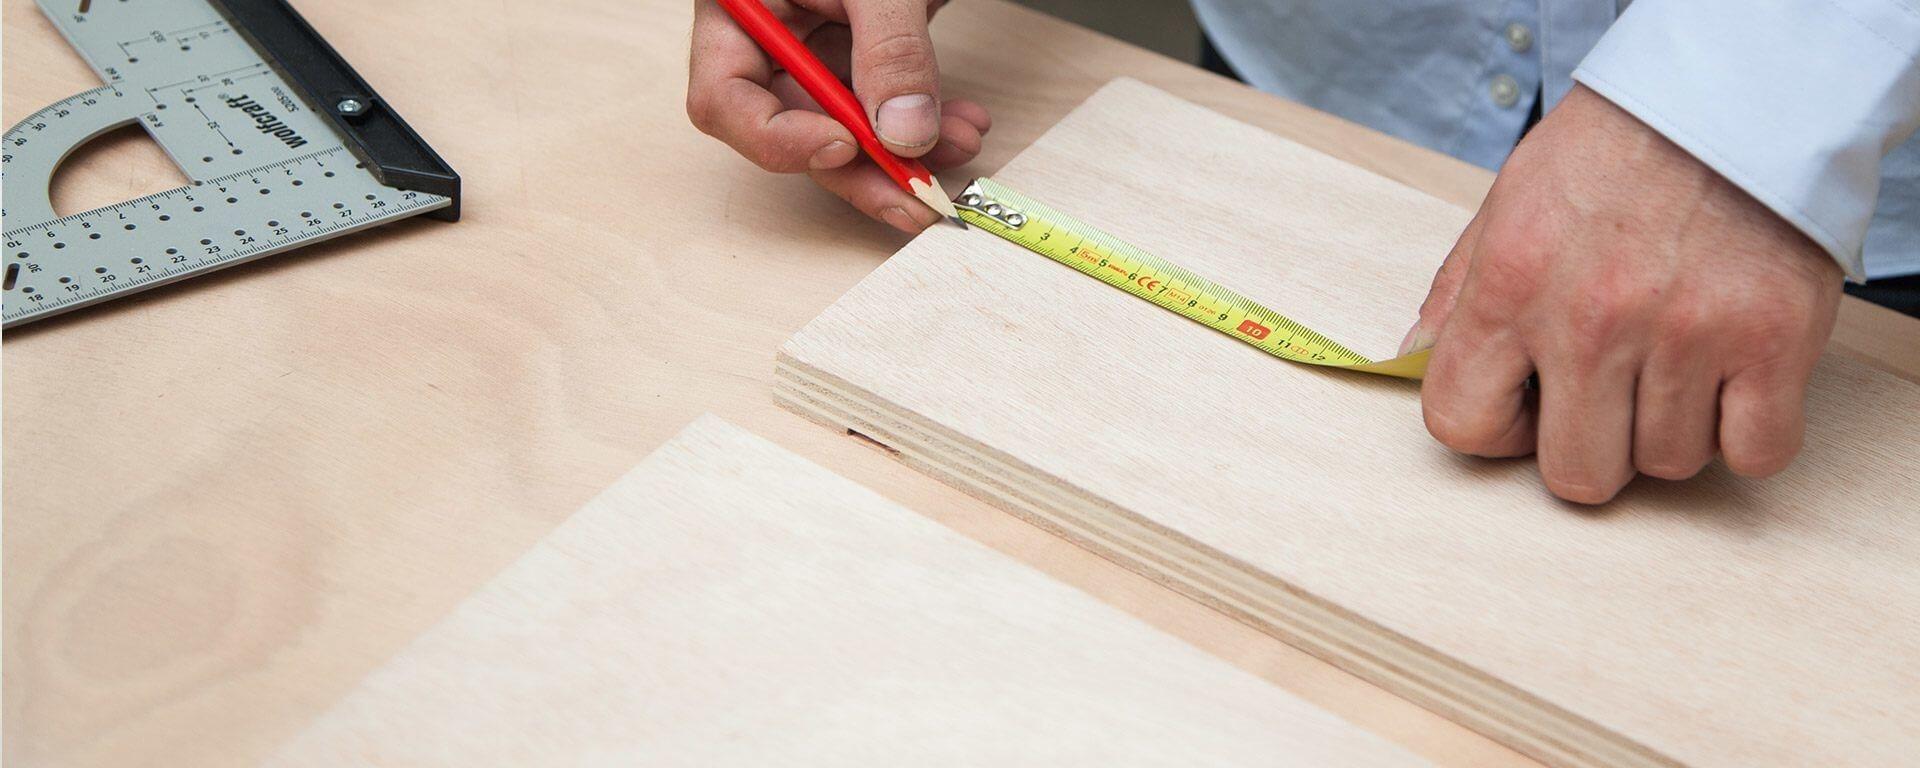 comment faire un trou dans du bois sans perceuse. Black Bedroom Furniture Sets. Home Design Ideas